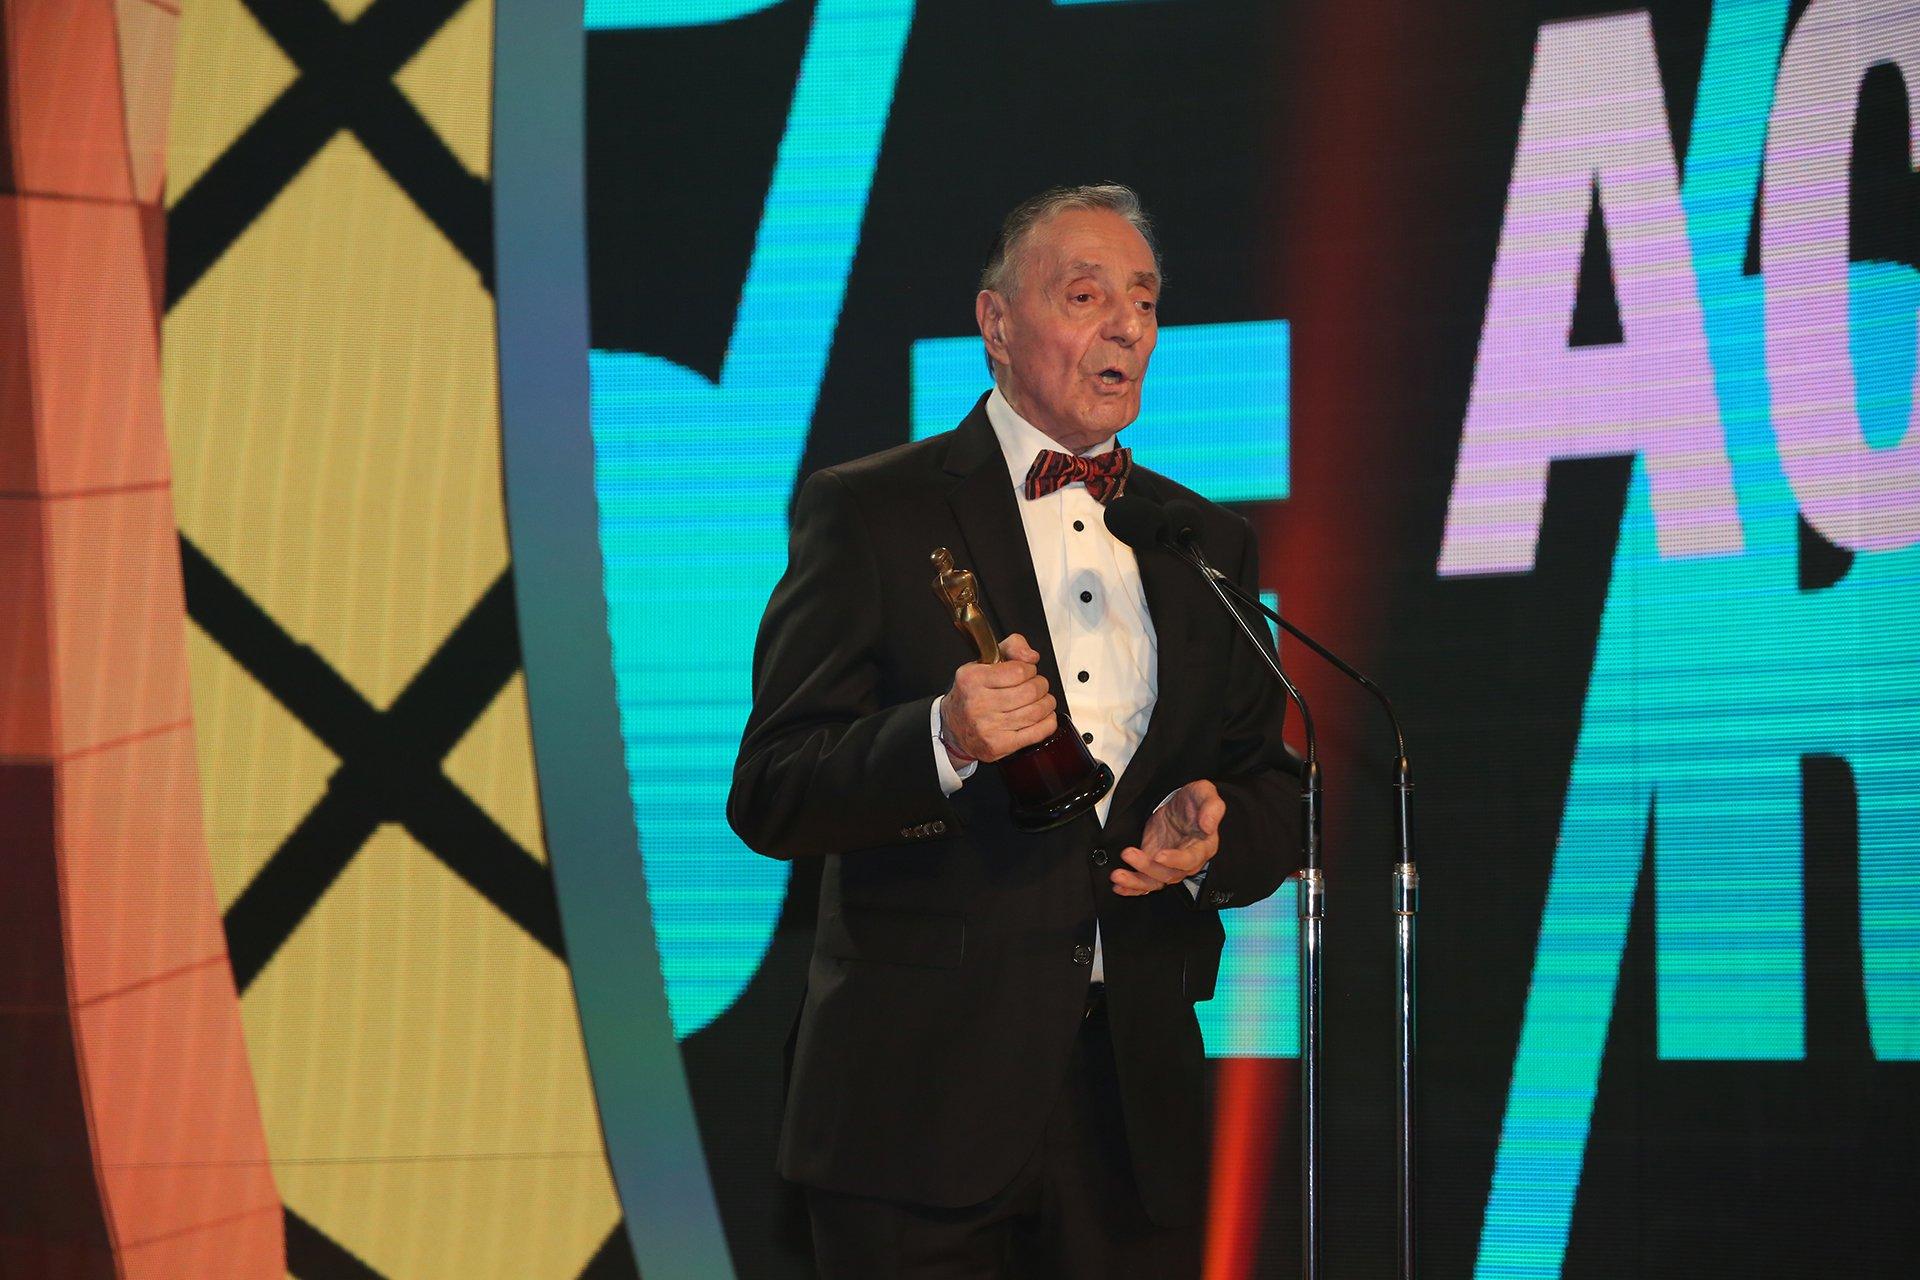 El humorista Tristán ganó el Martín Fierro 2016 en la categoría actor de reparto, por su trabao en Historia de un clan - Telefe